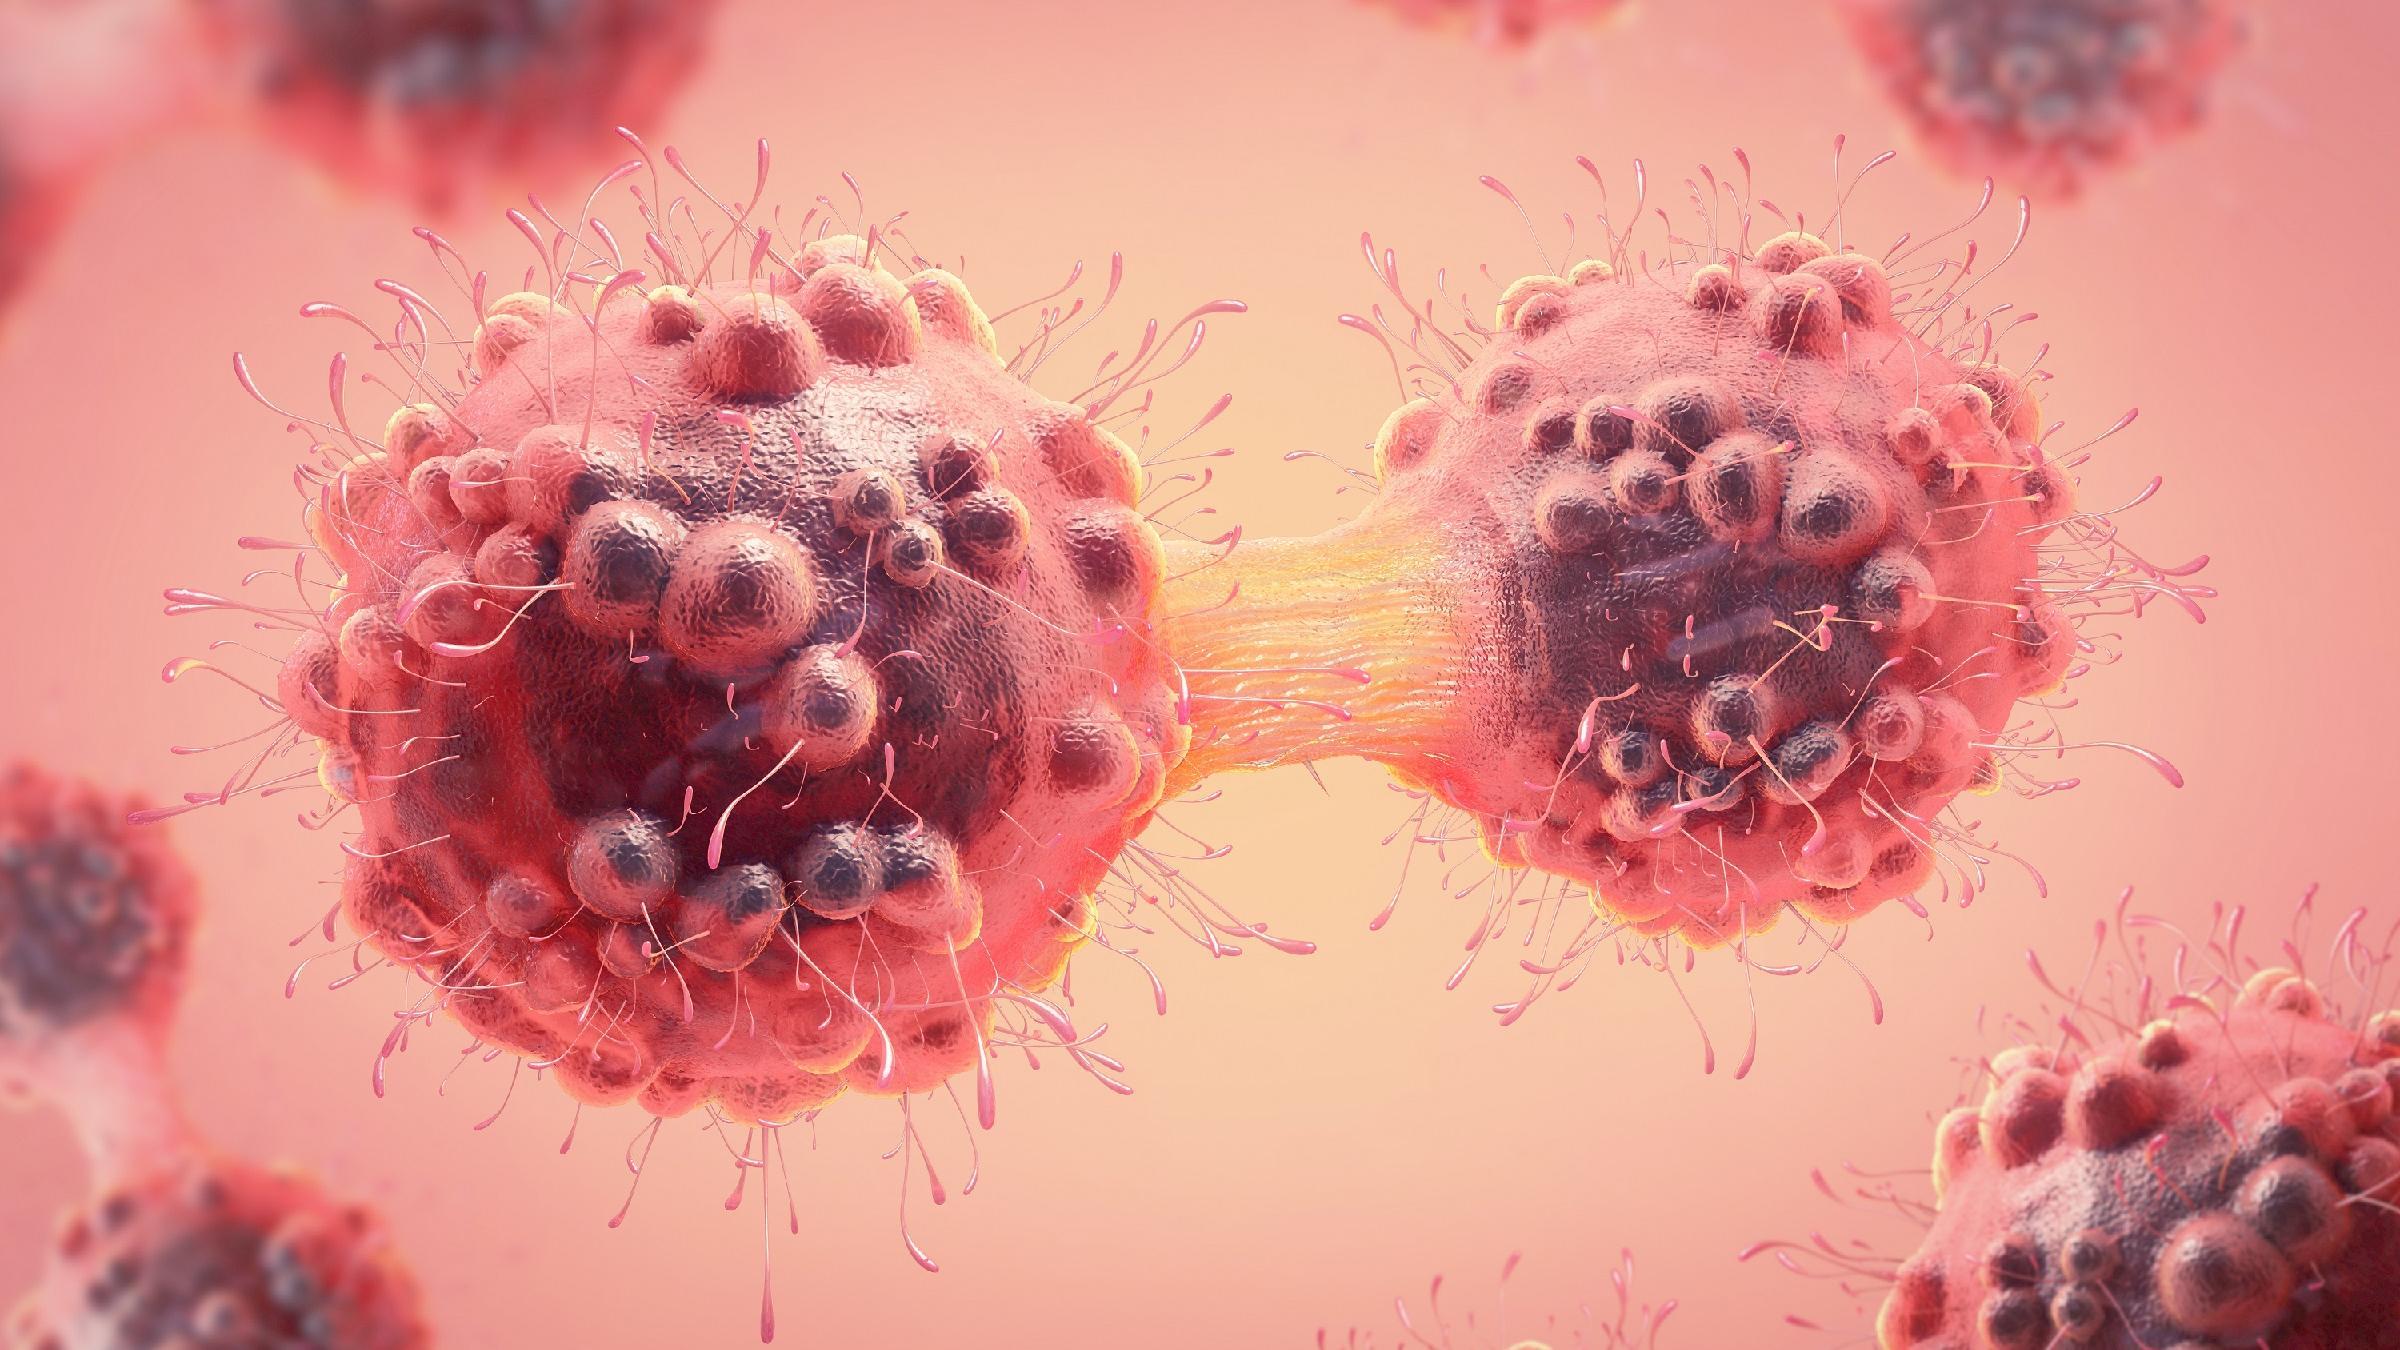 Израильские ученые нашли «ахиллесову пяту» большинства раковых клеток